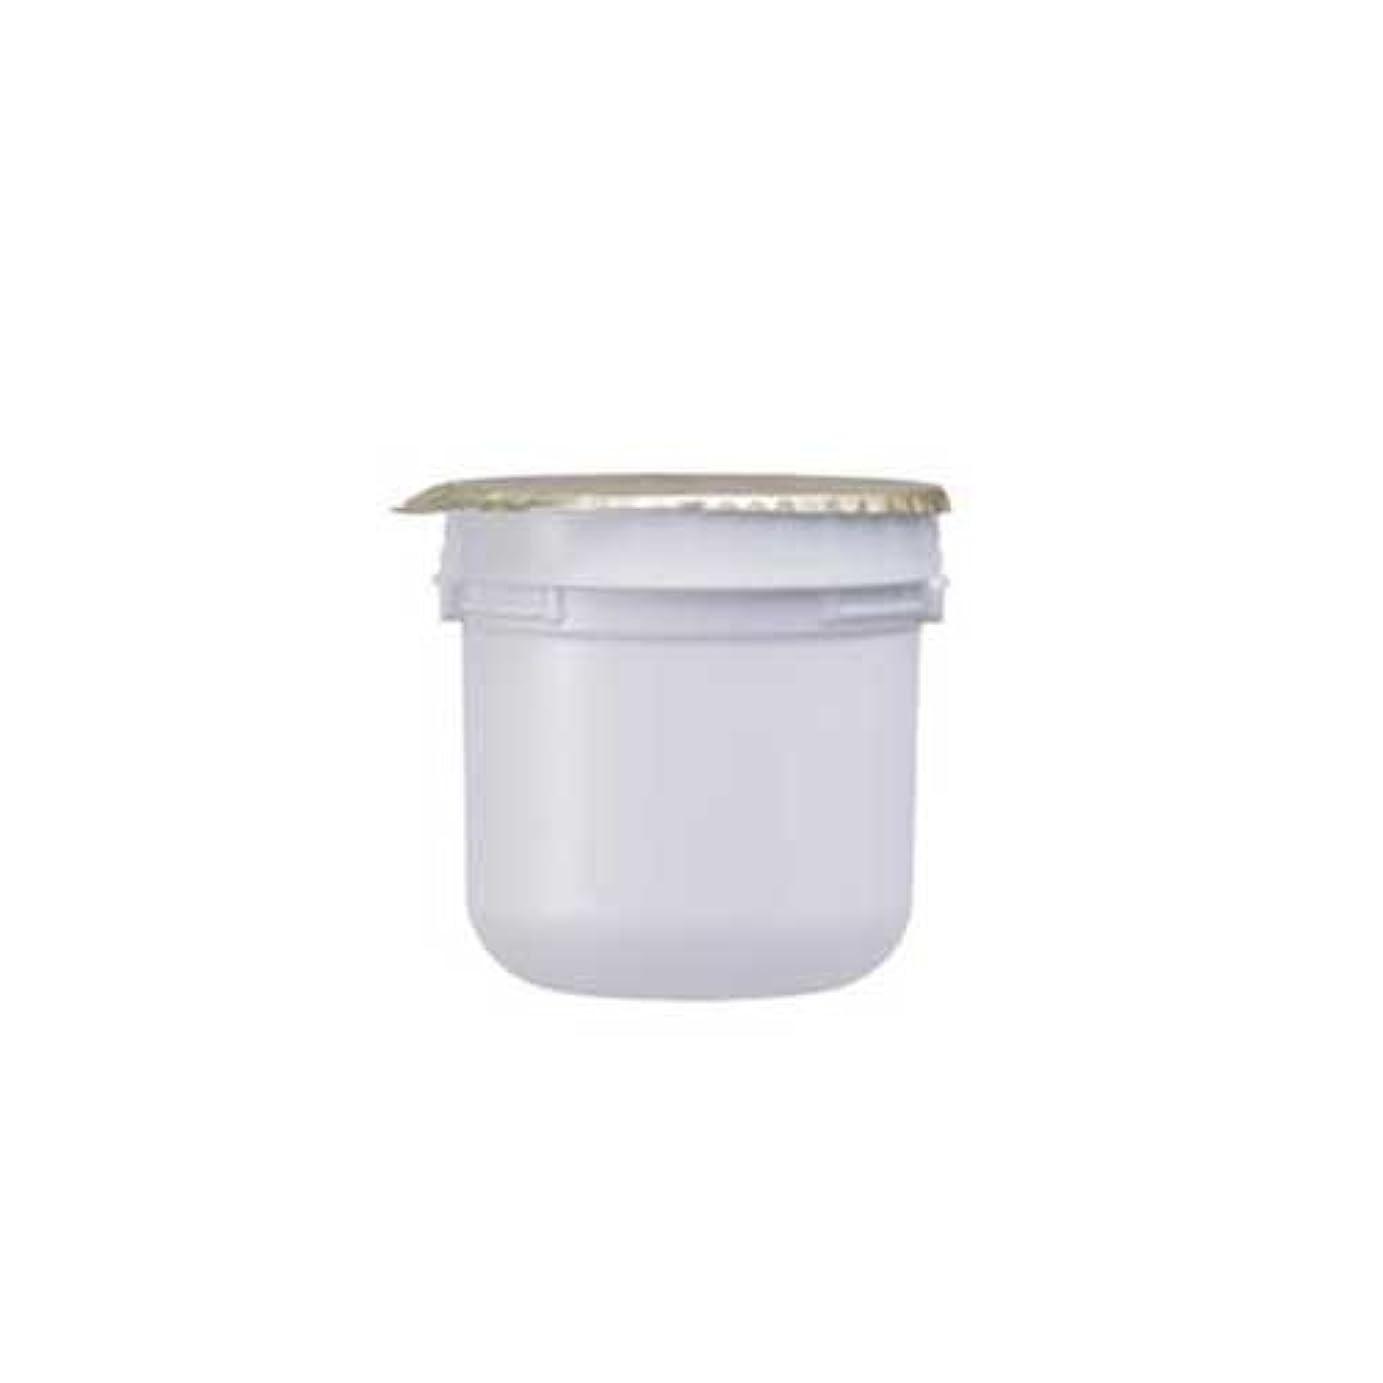 請求可能シングルコンペASTALIFT(アスタリフト) ホワイト クリーム(美白クリーム)レフィル 30g